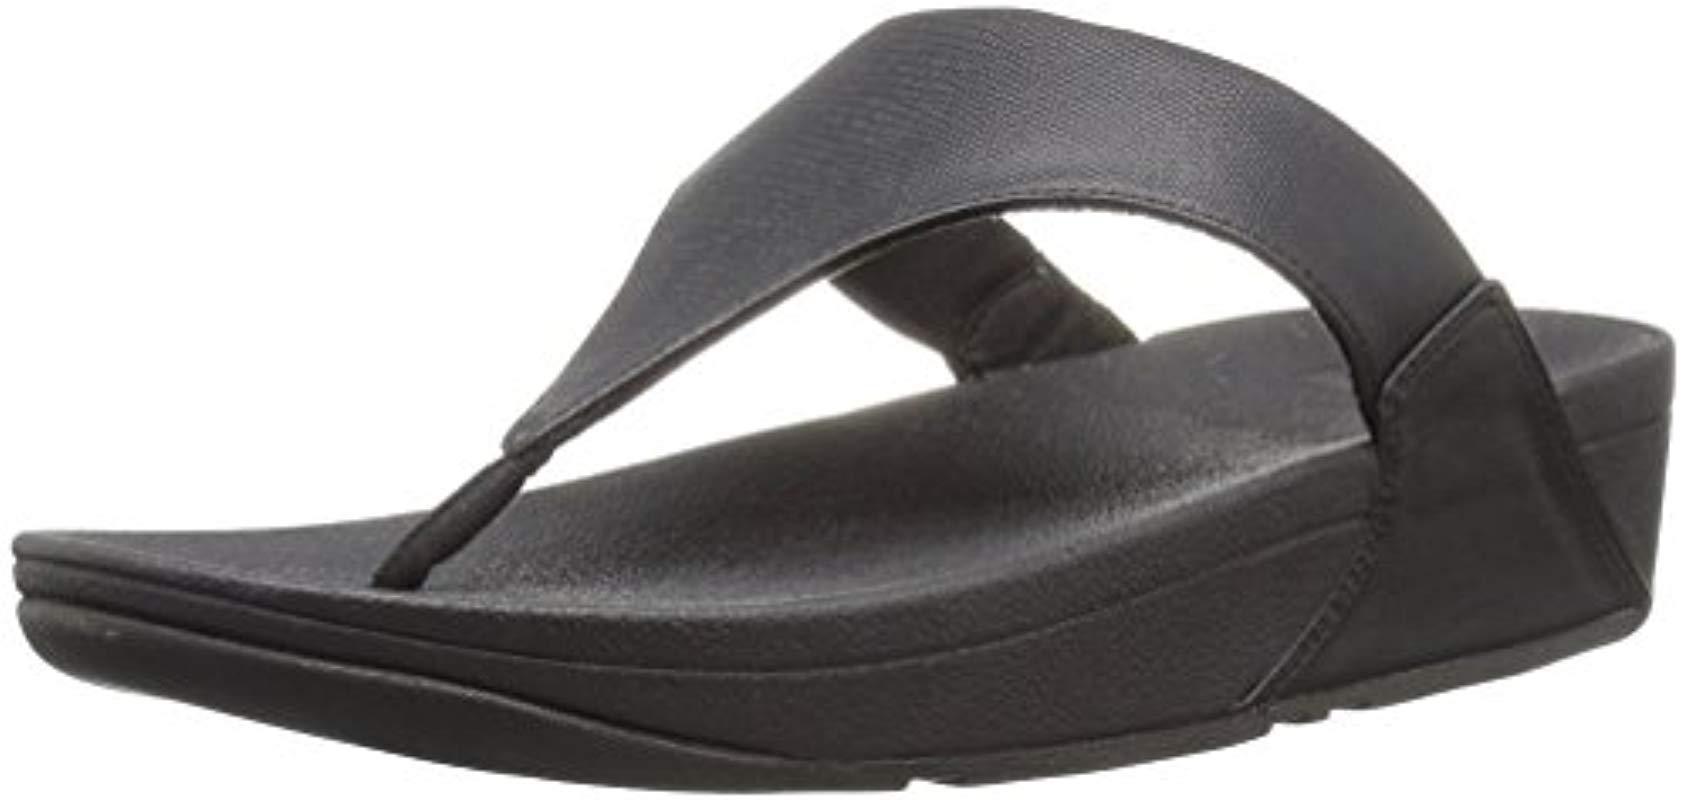 6296cf98c8f8b Lyst - Fitflop Lulu Lizard-print Flip Flops Sandal in Black